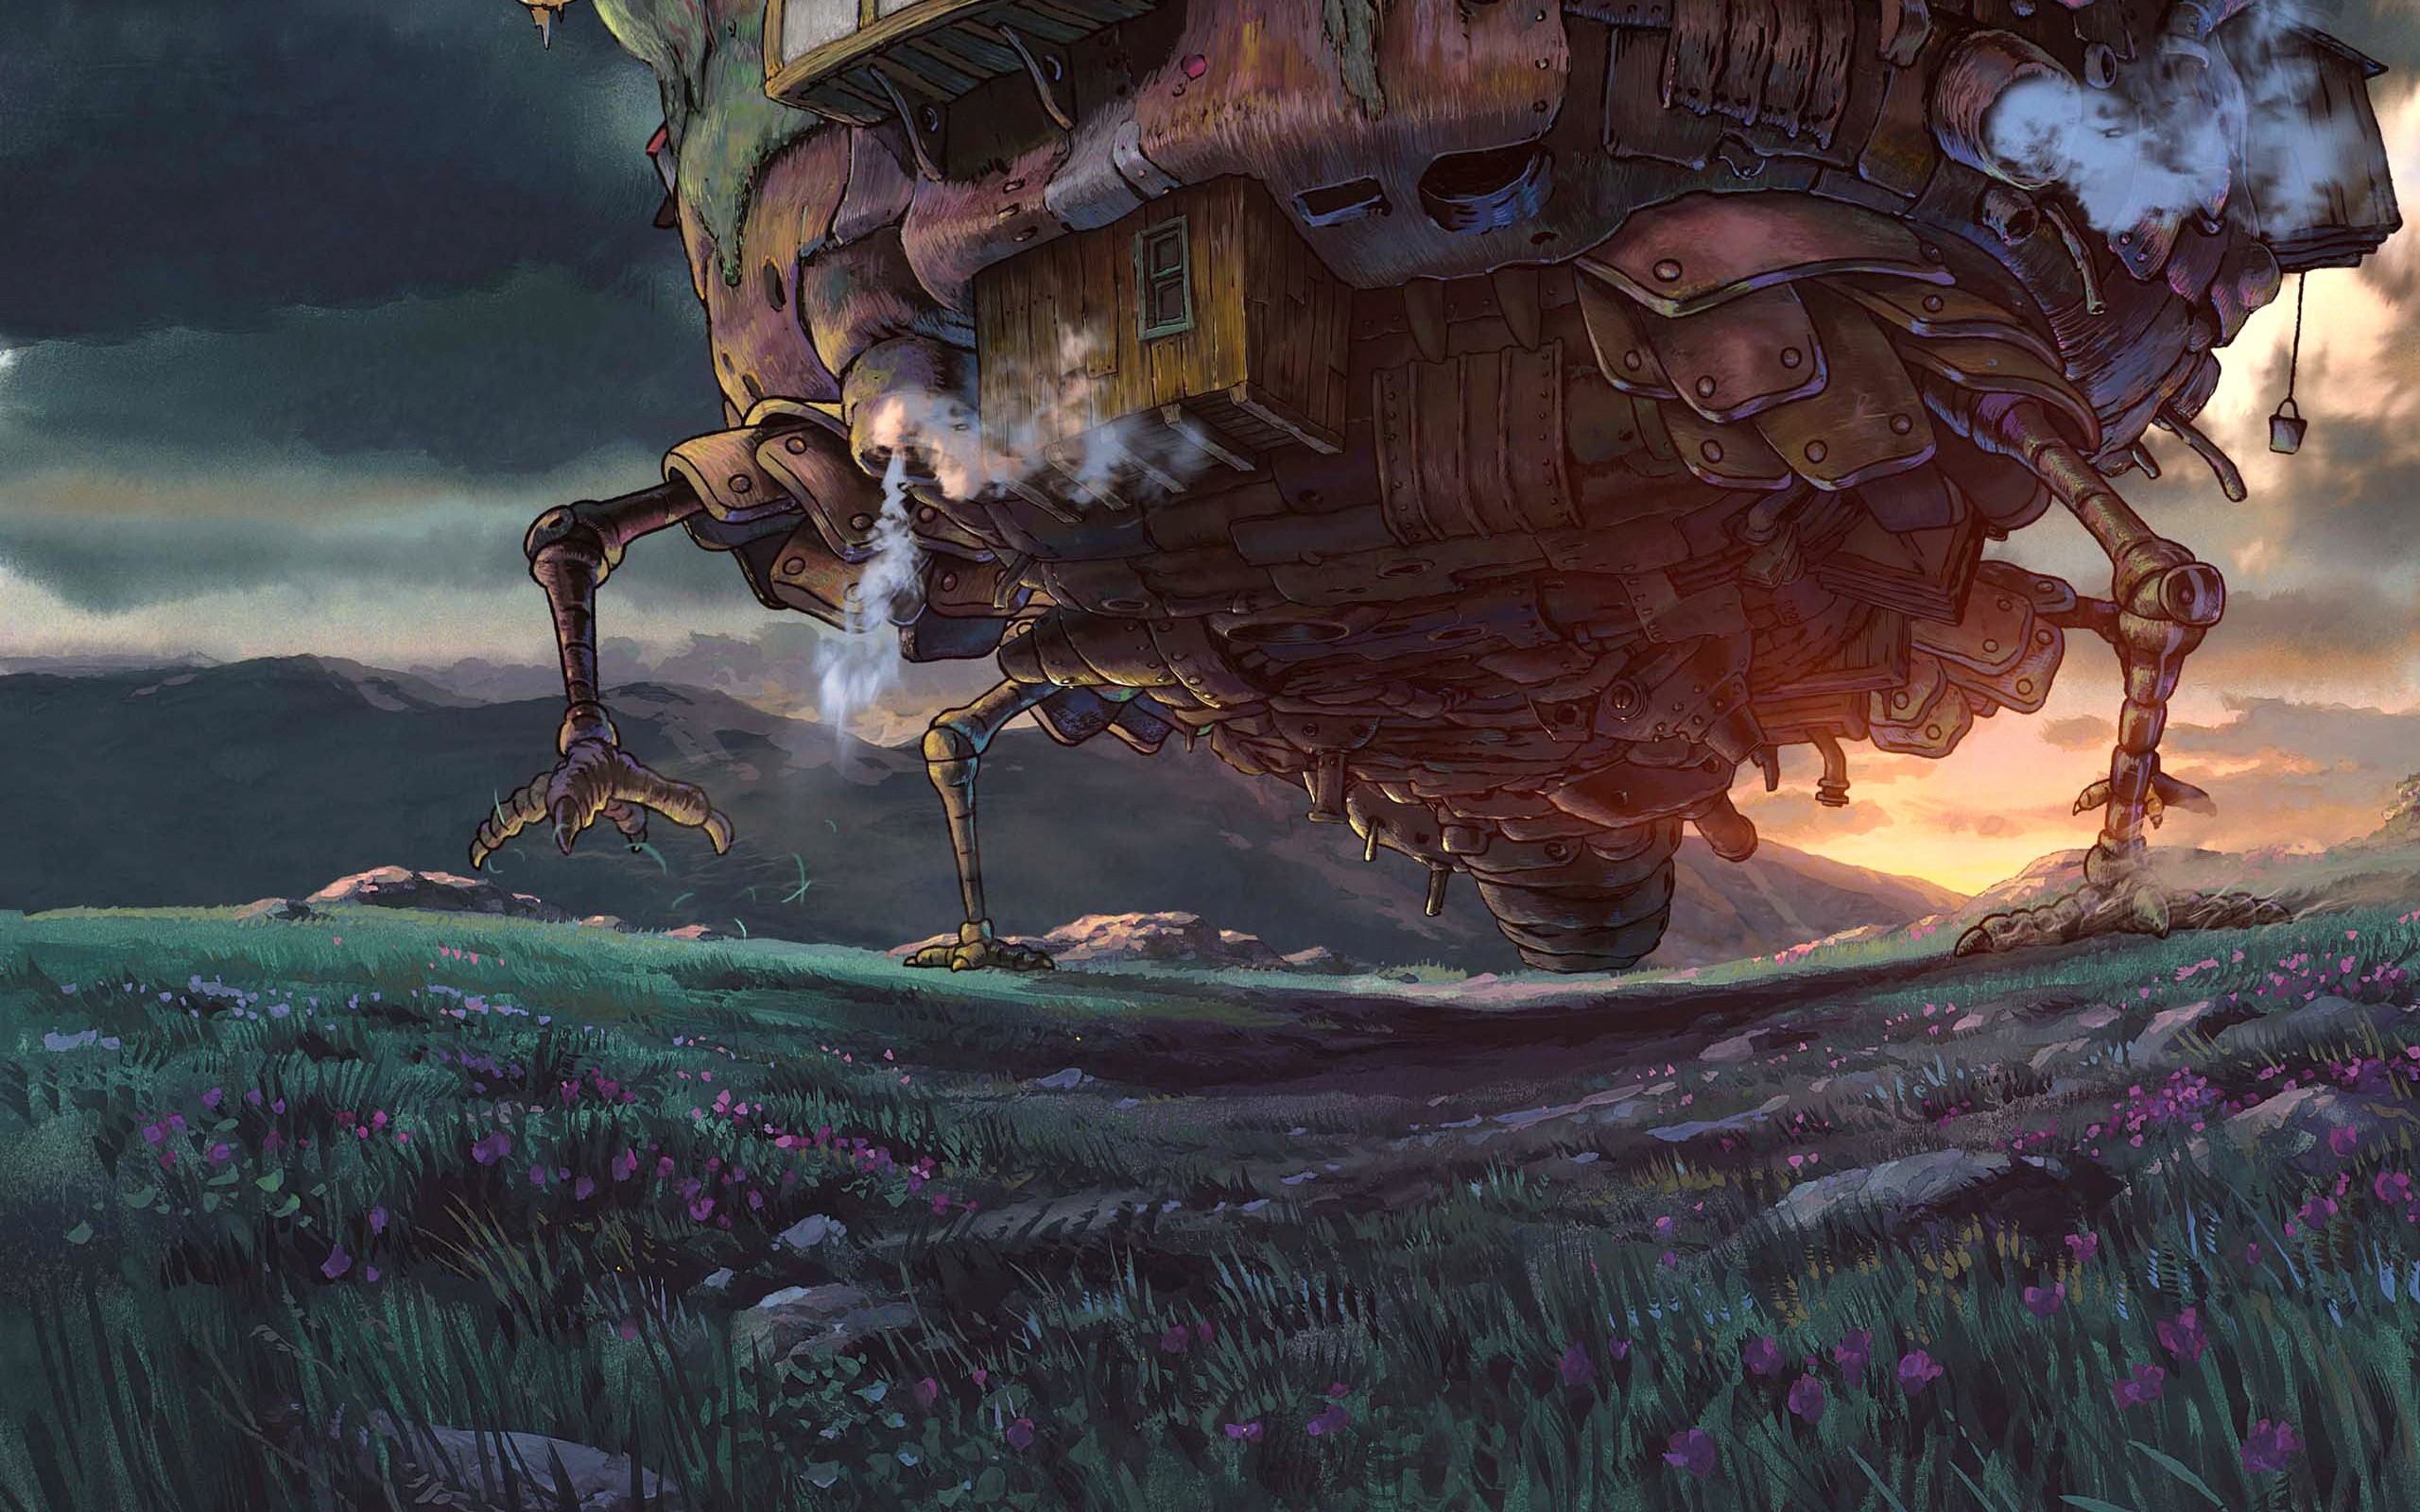 Studio Ghibli Wallpaper 2560x1600 Studio Ghibli Anime Howls Moving 2560x1600